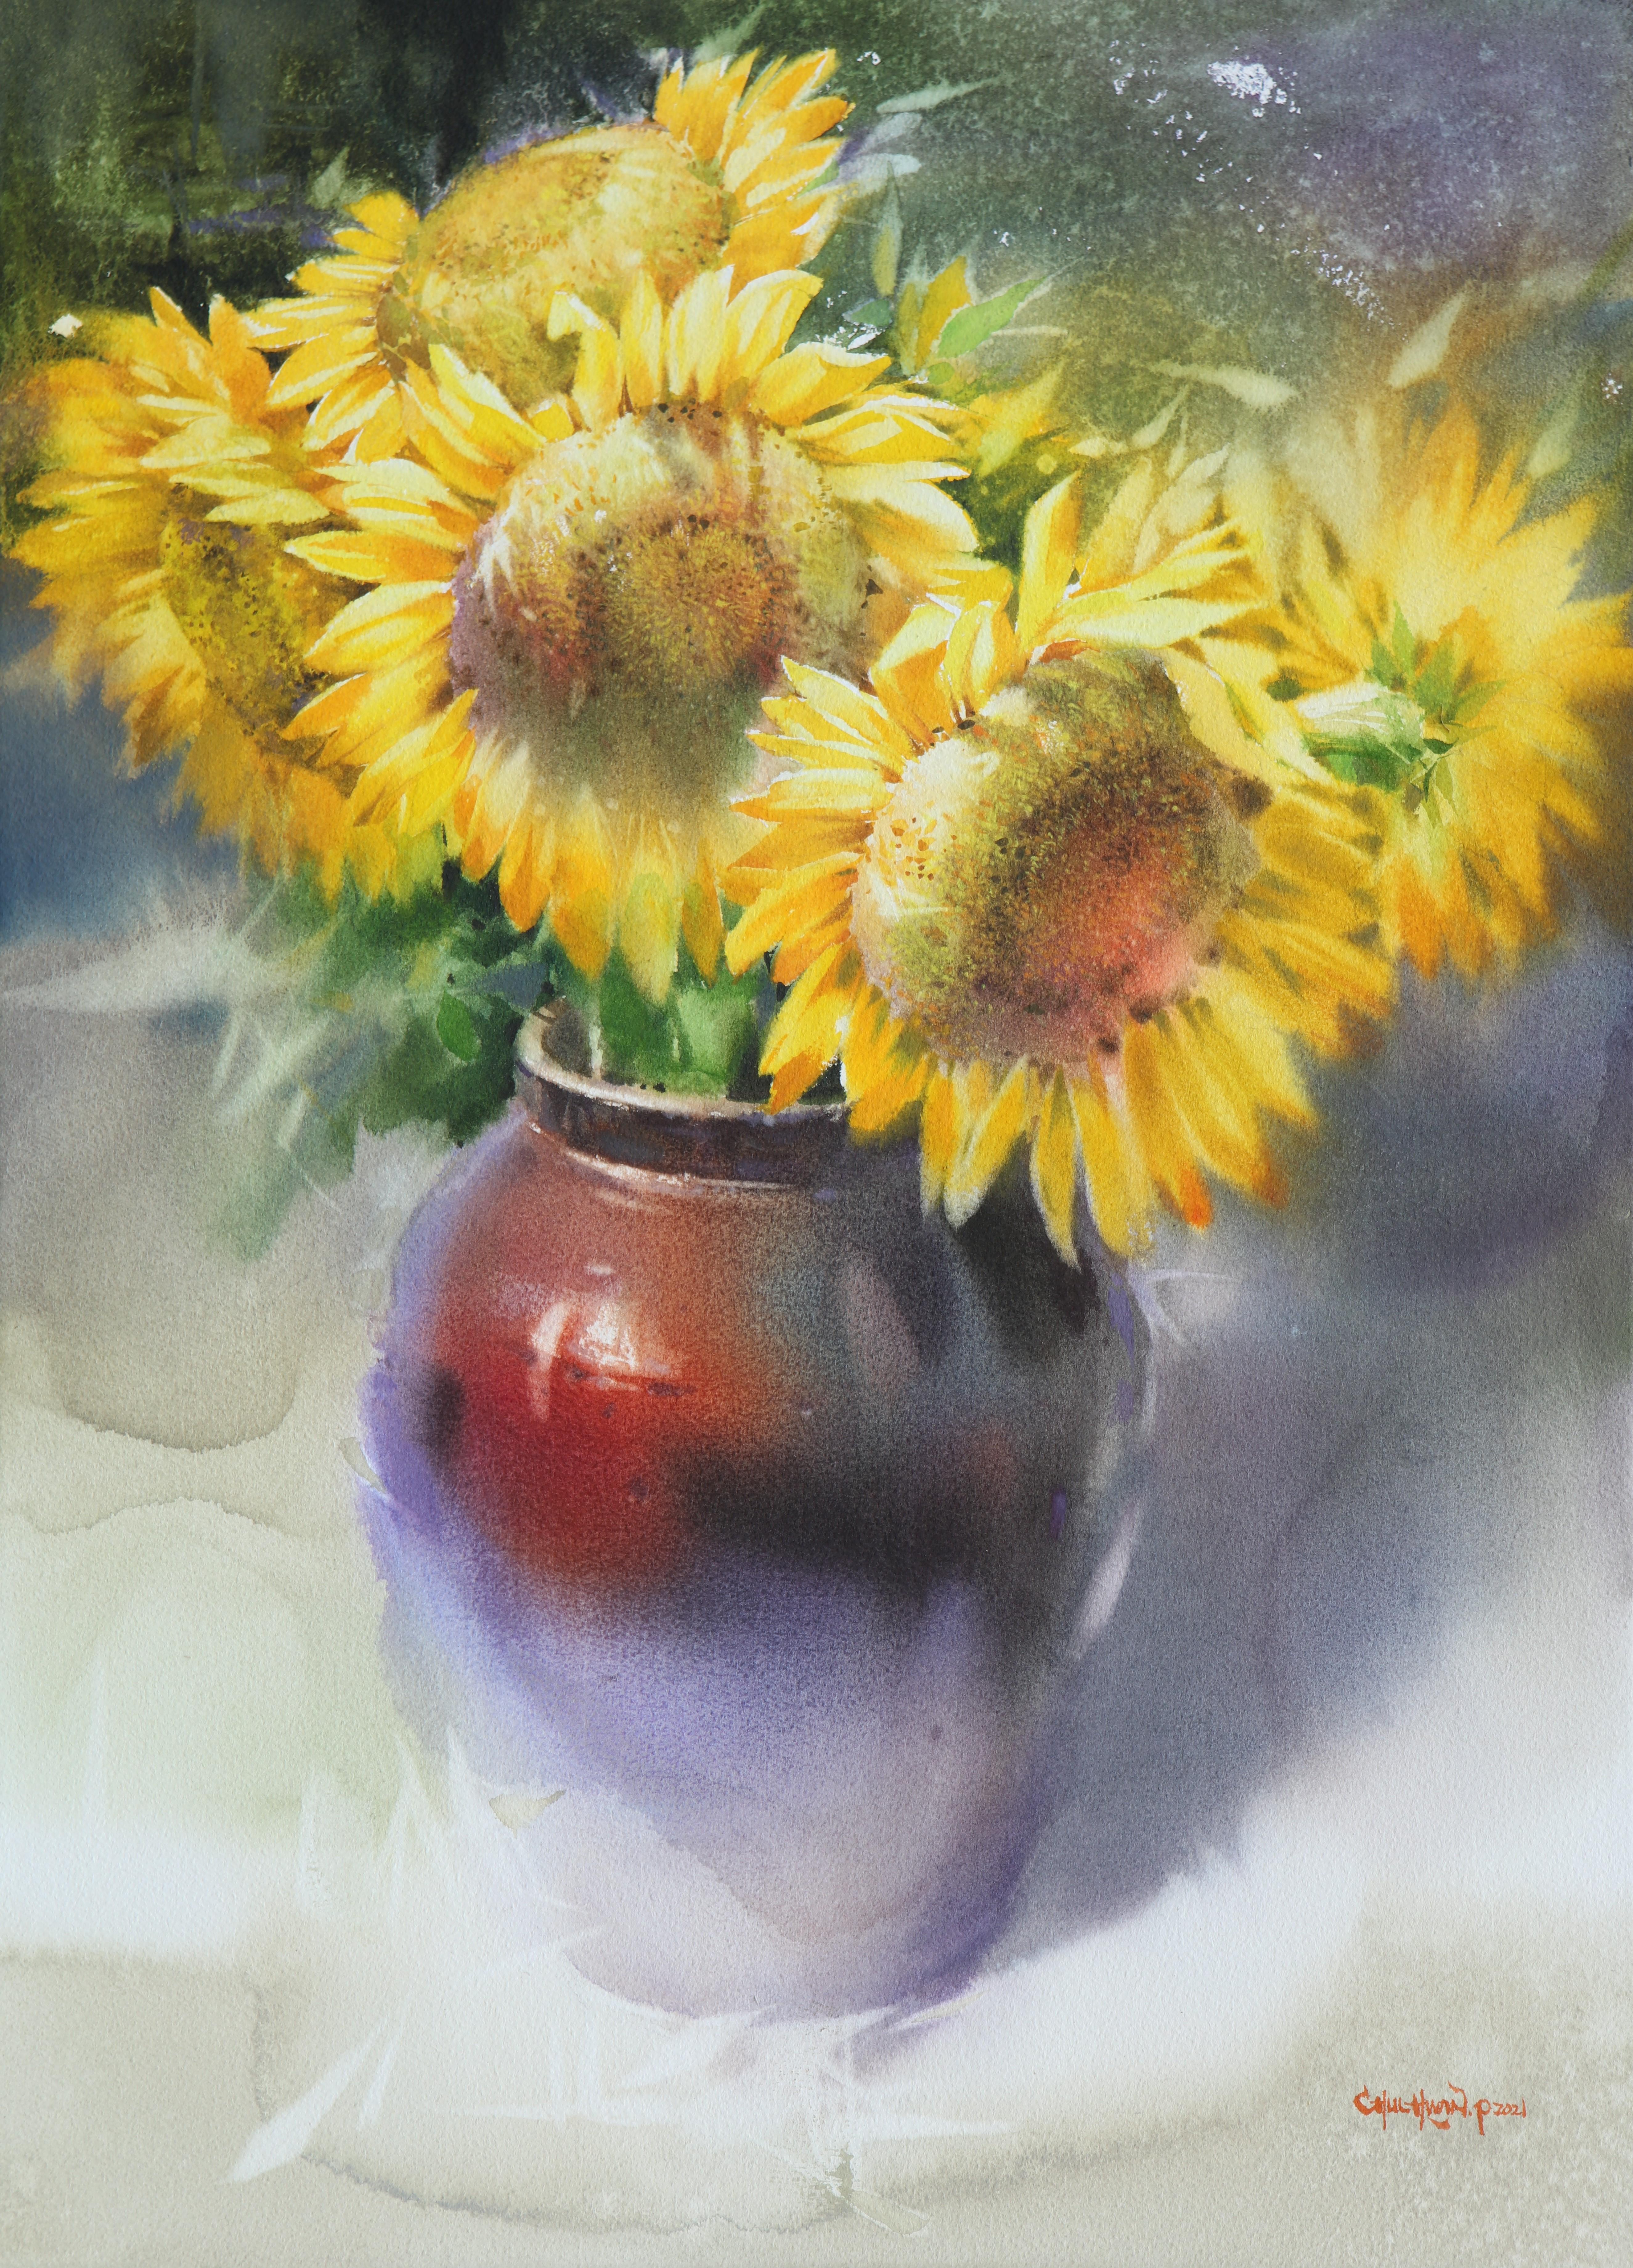 017, 박철환, Sunflower2, 72.7 x 53